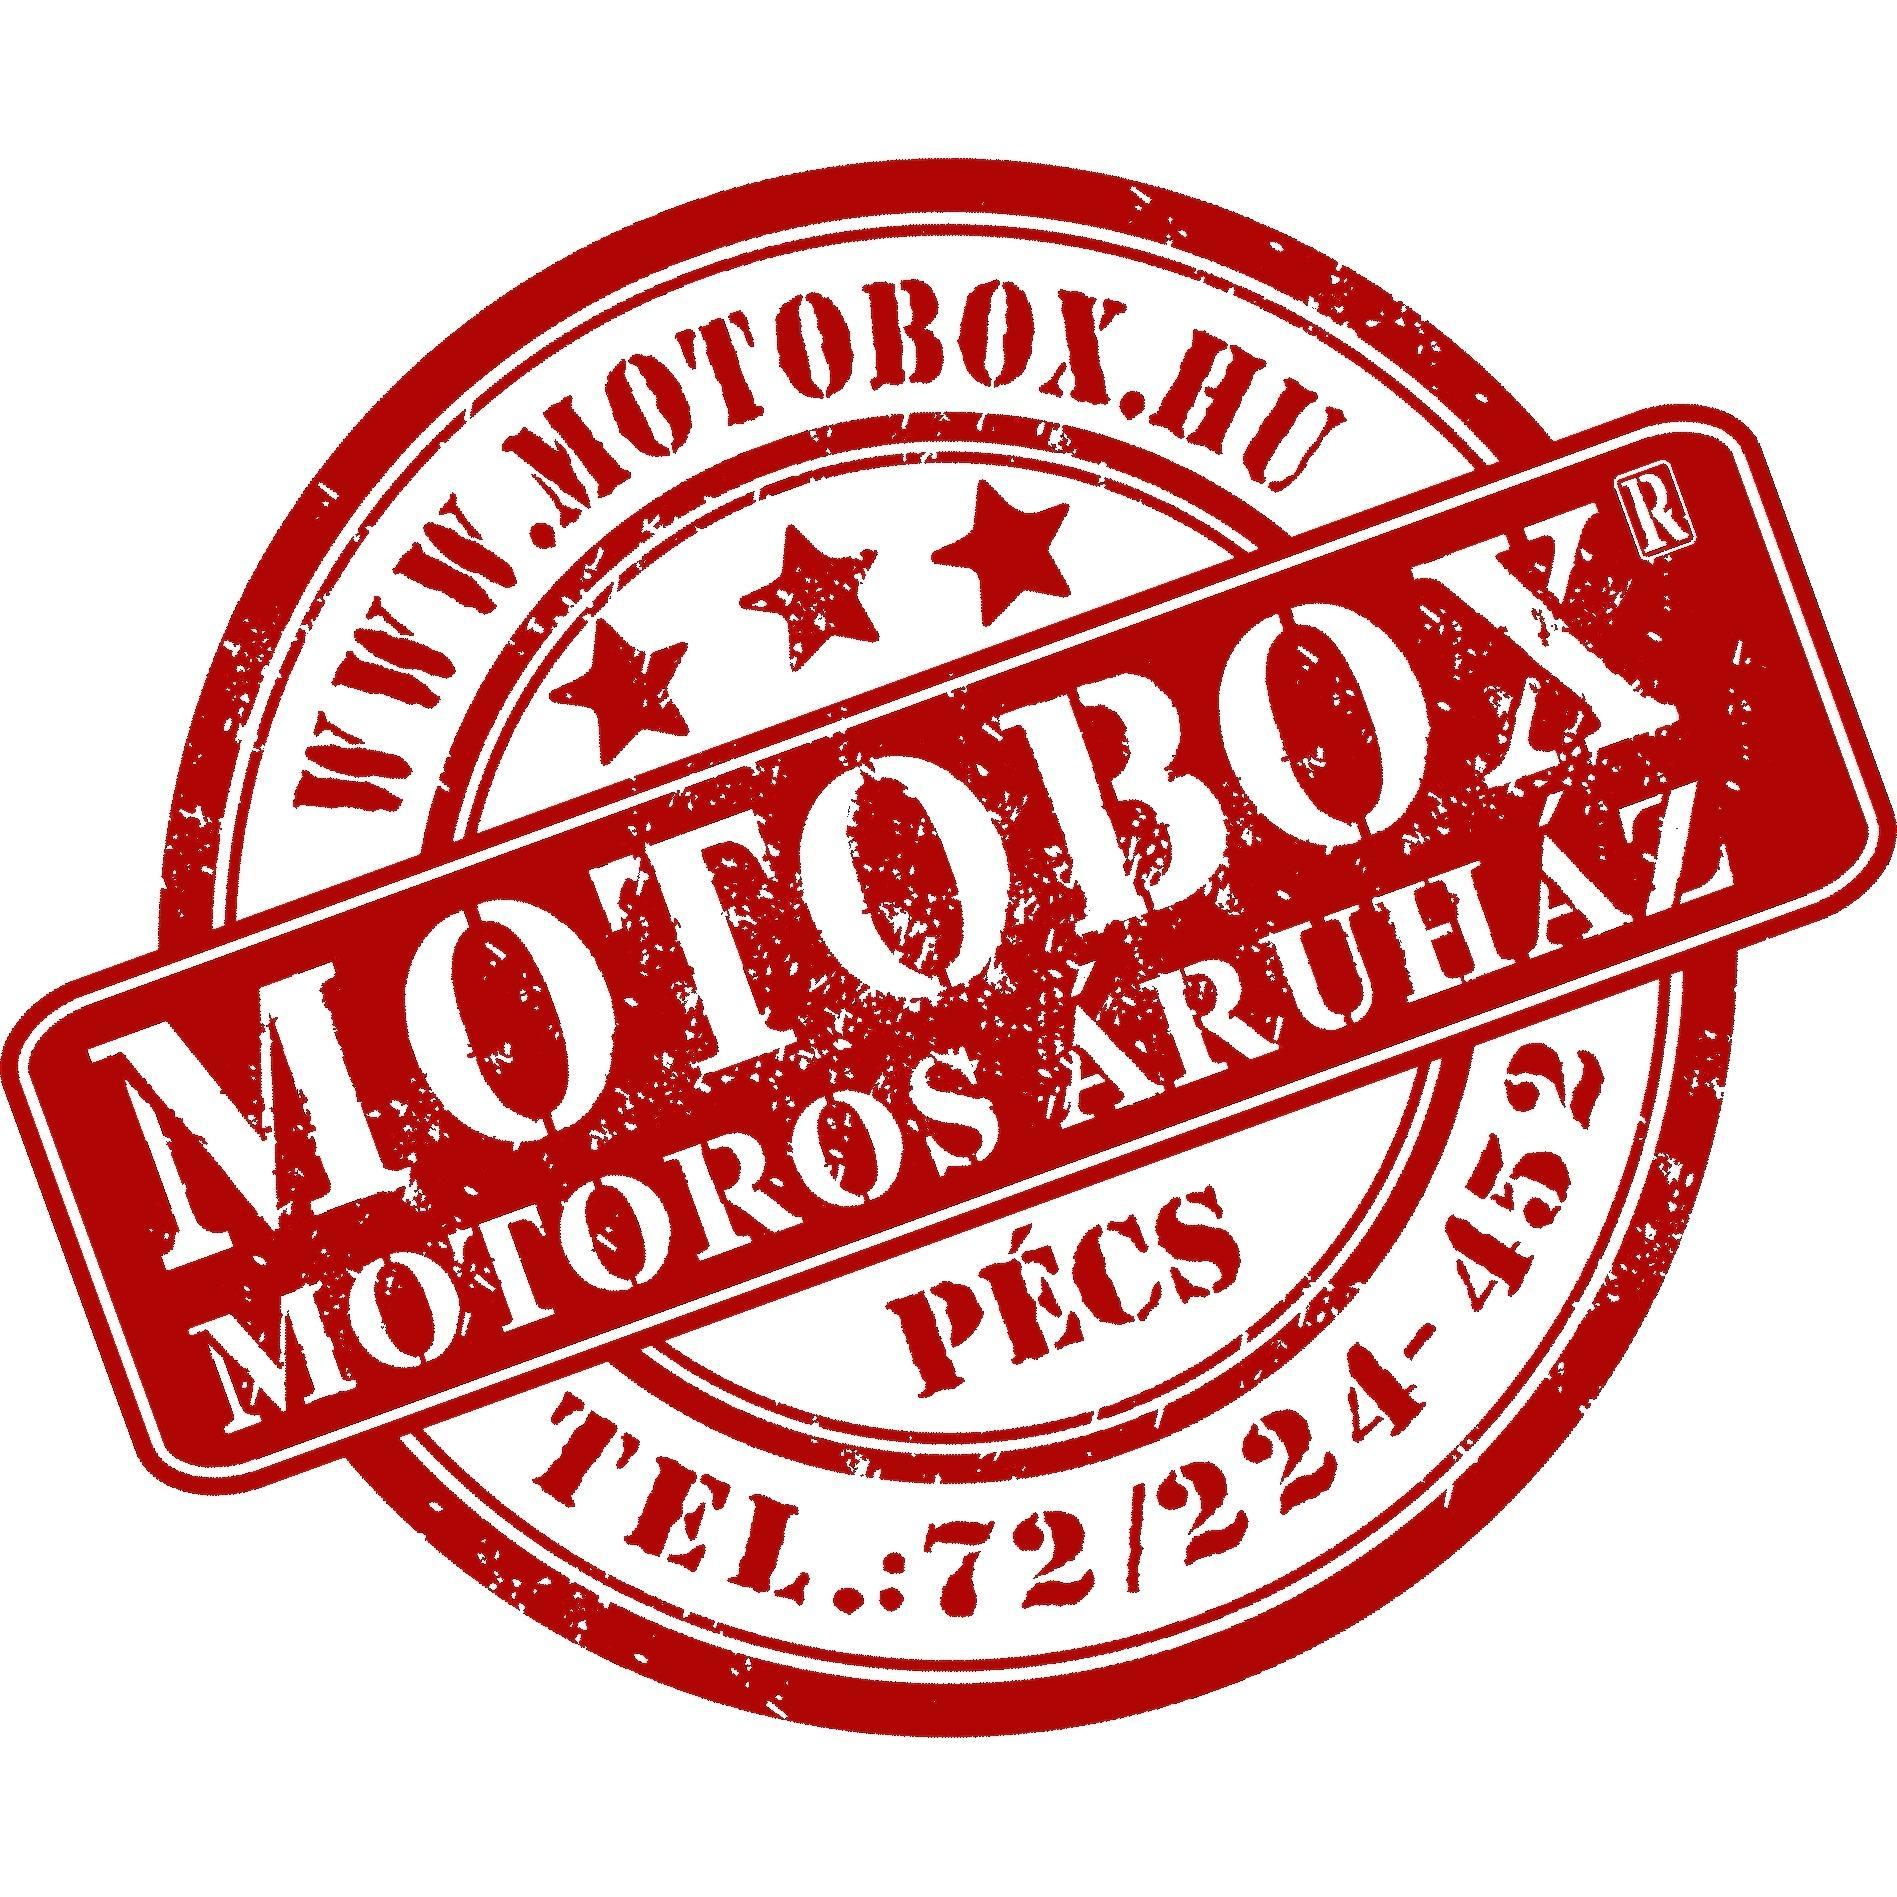 Motobox Motoros Áruház - motorosbolt